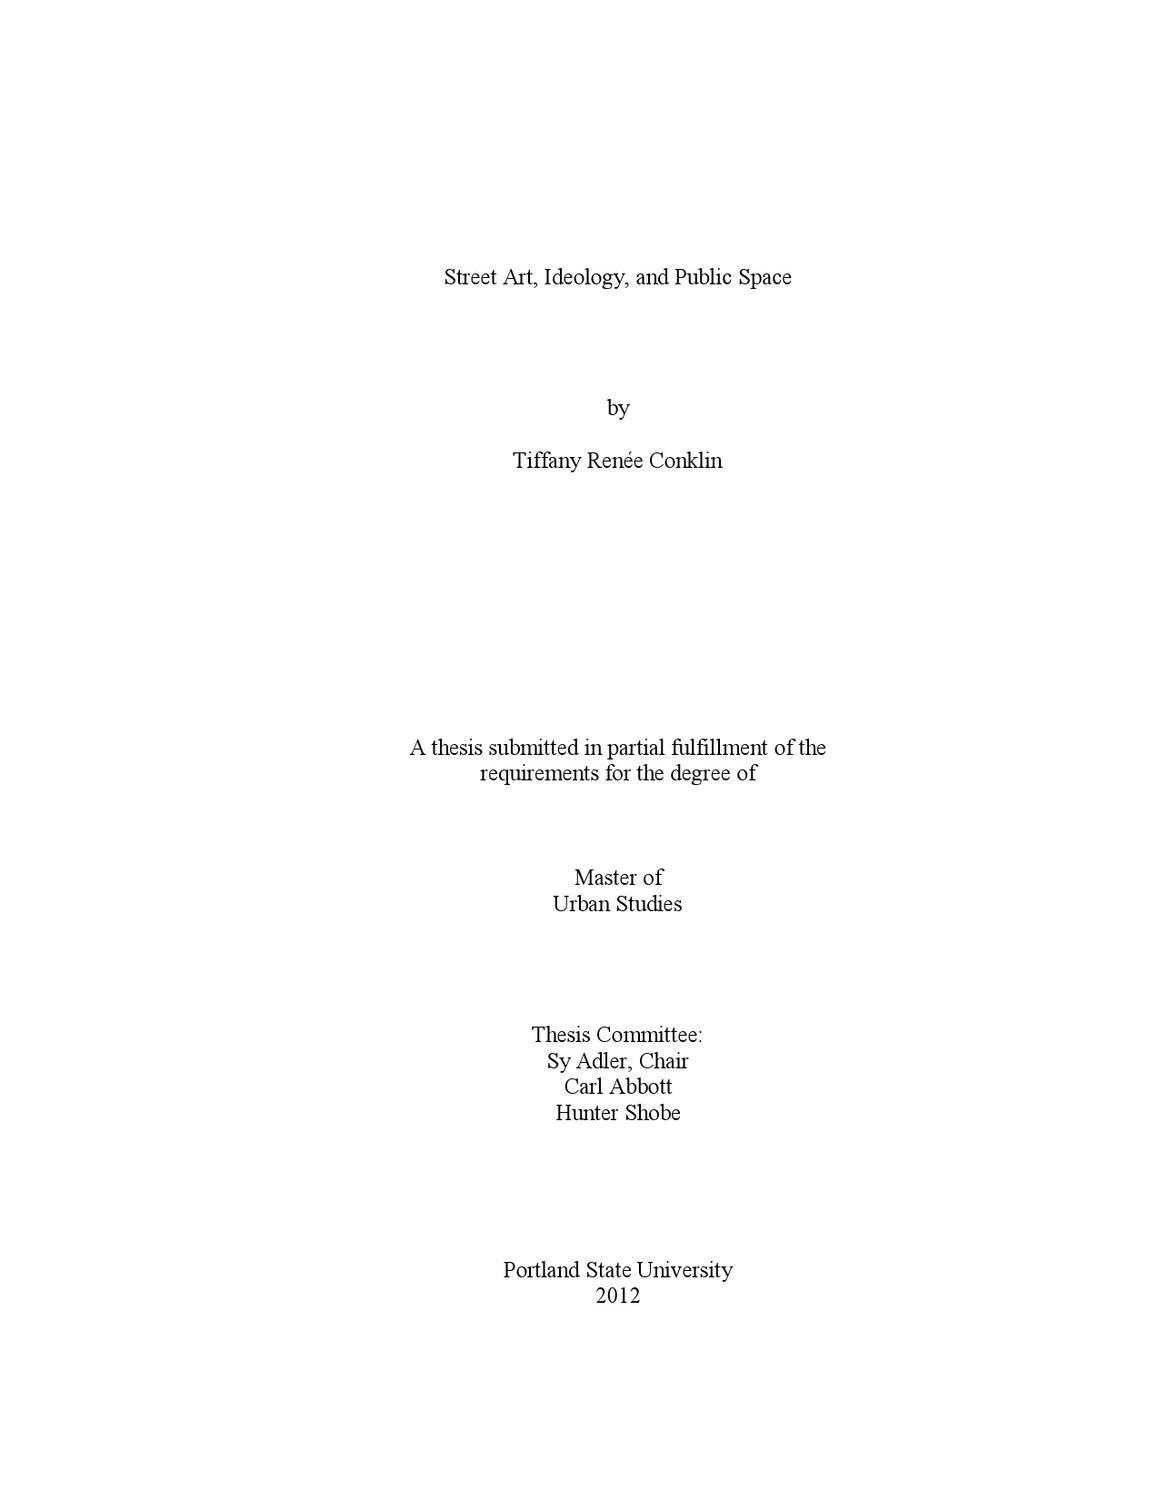 Ev thesis